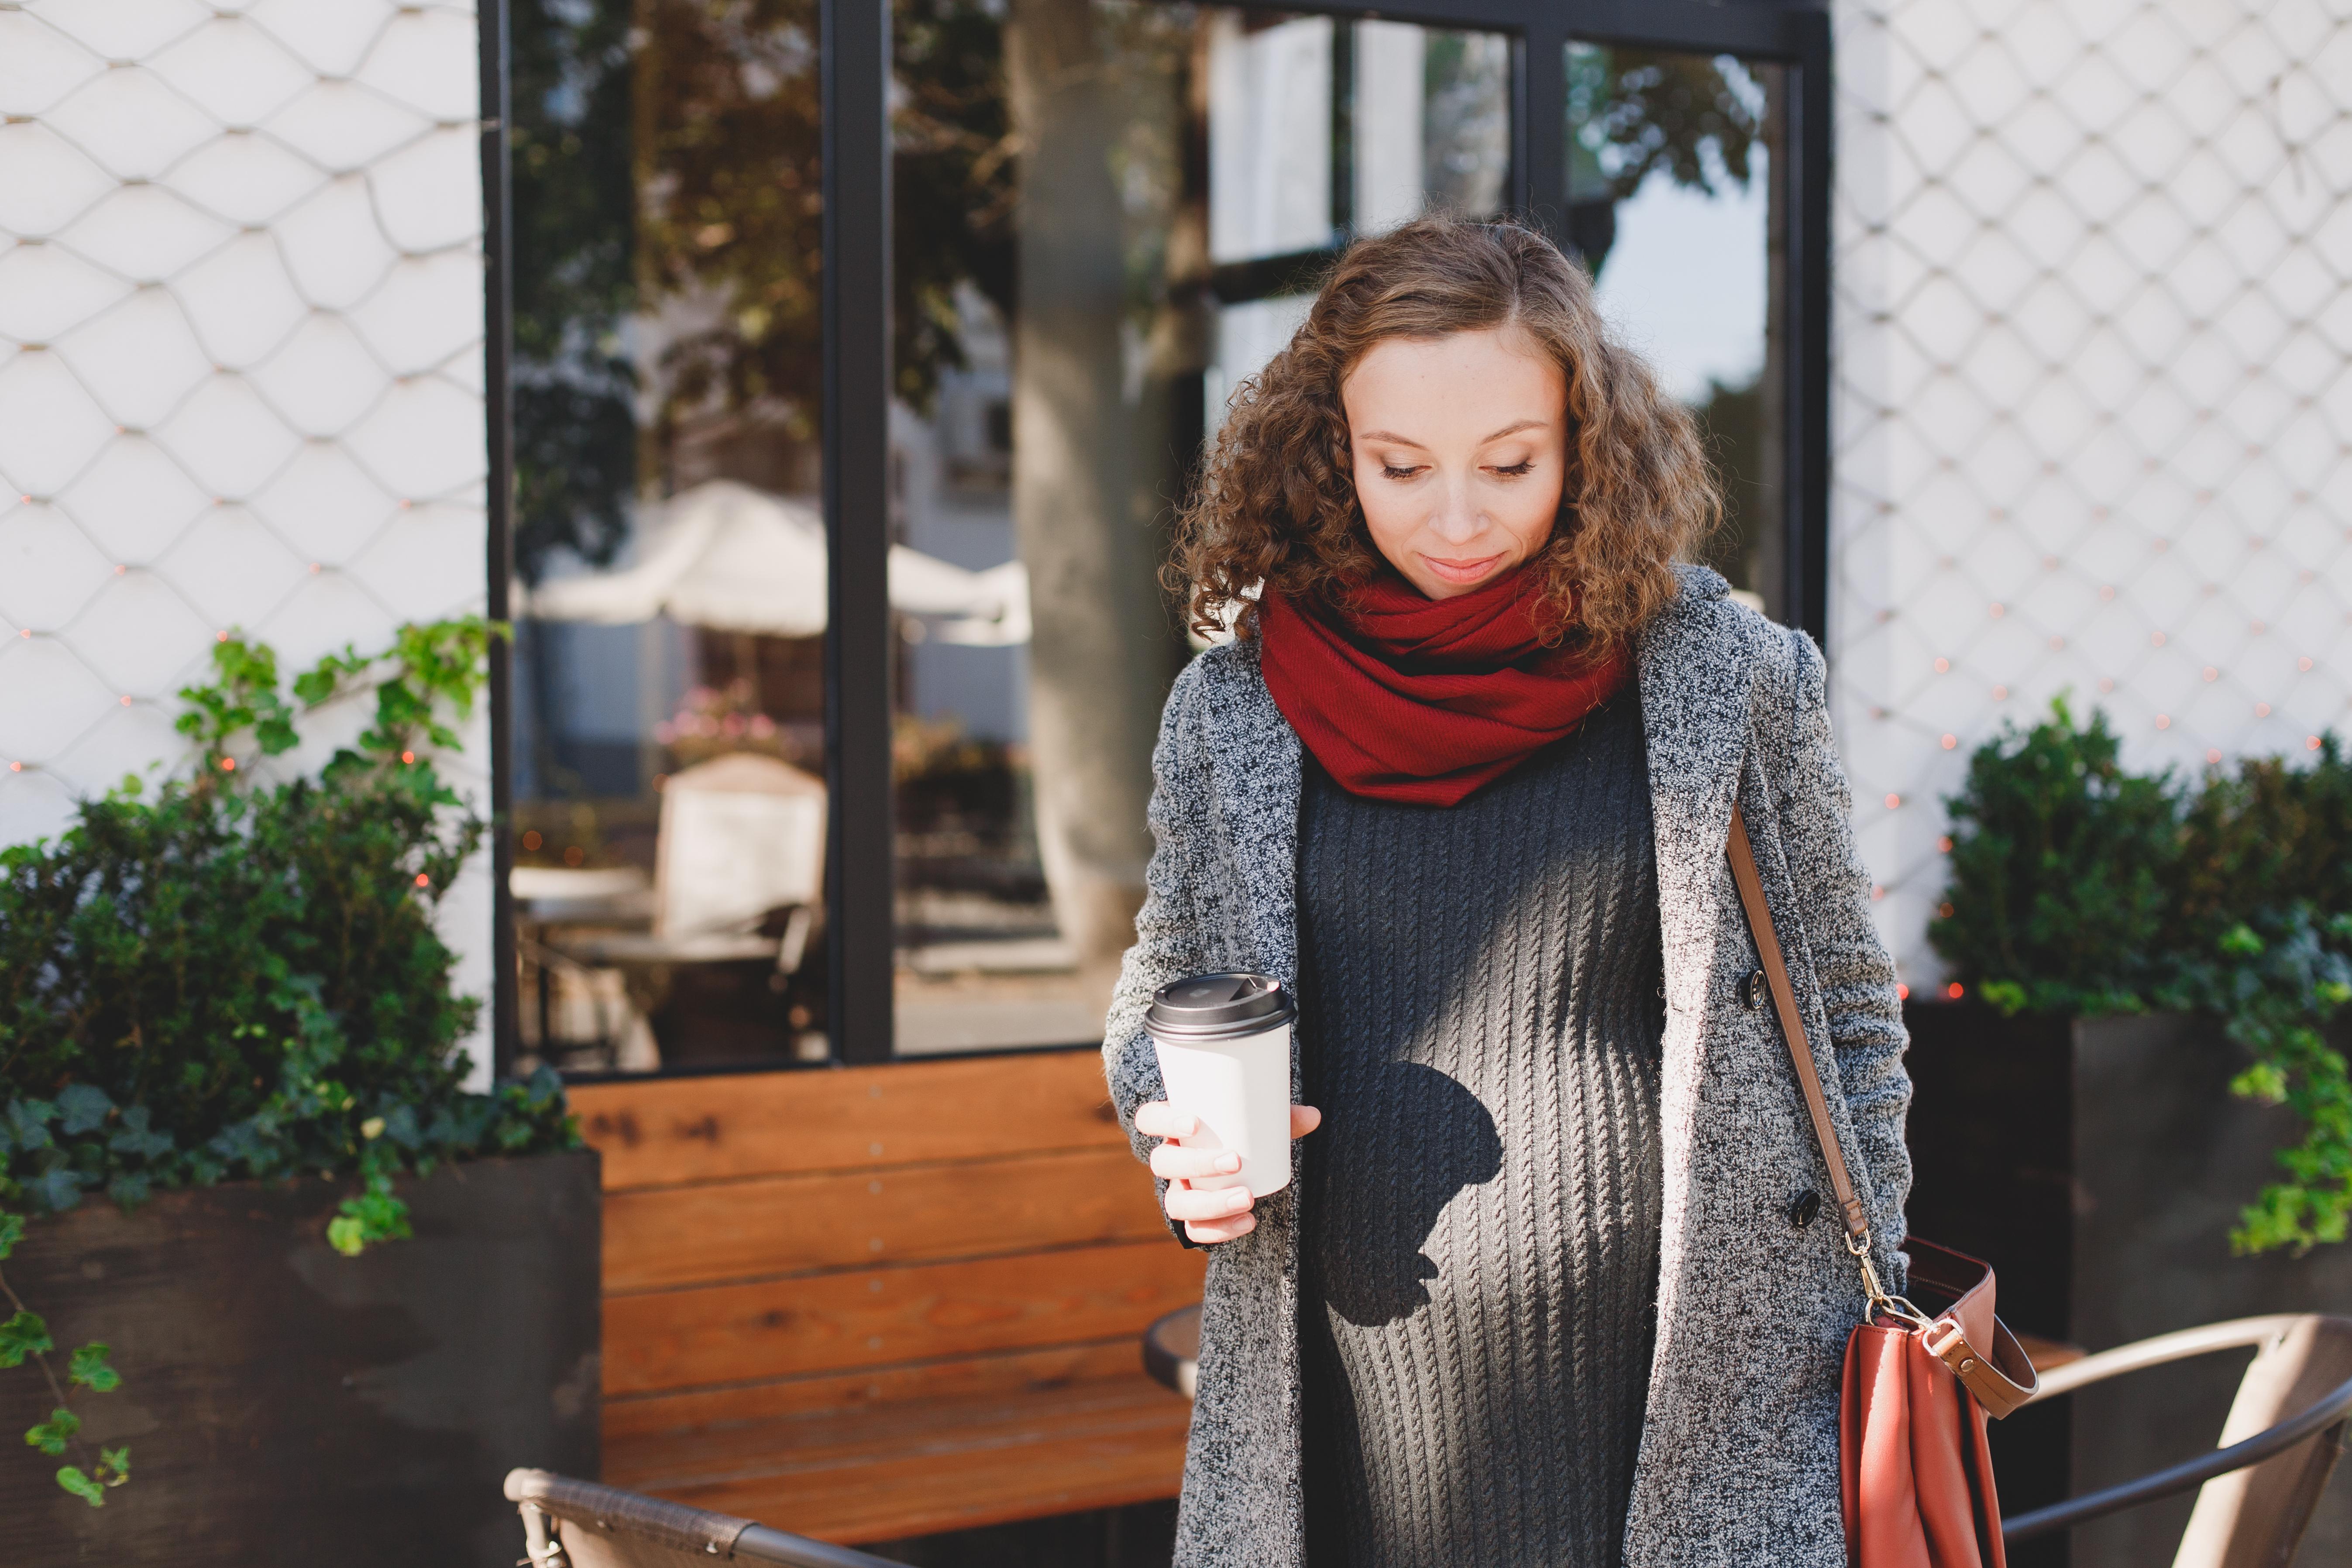 Enligt Livsmedelsverket bör gravida inte få i sig mer är 300 mg koffein per dag, vilket motsvarar tre koppar kaffe eller sex muggar svart te.